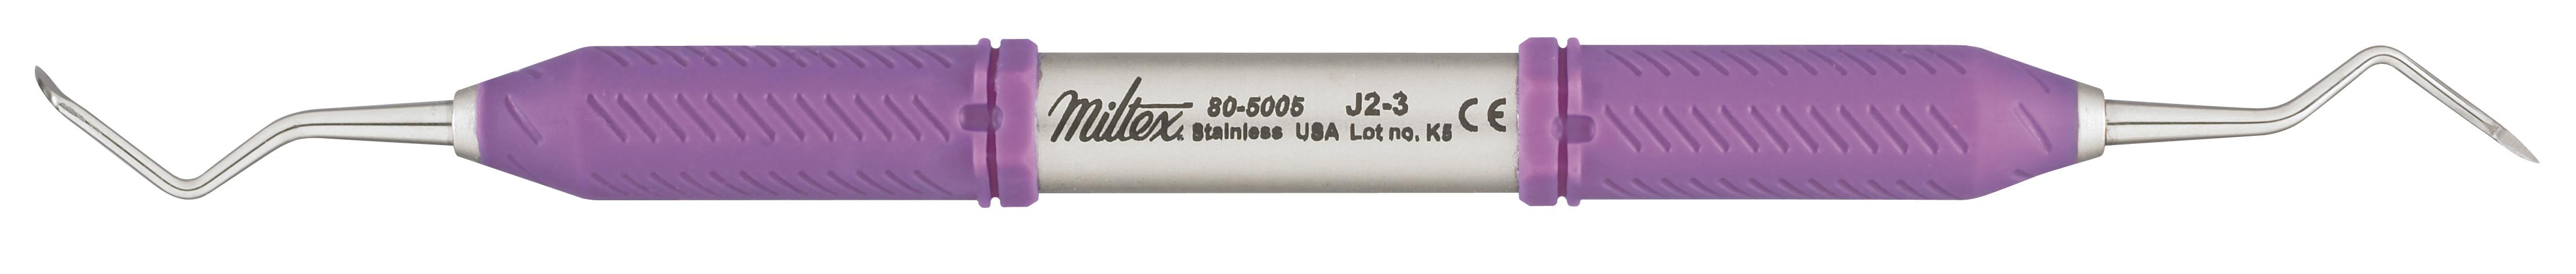 jacquette-2-3-scaler-griplite-s6-80-5005-miltex.jpg